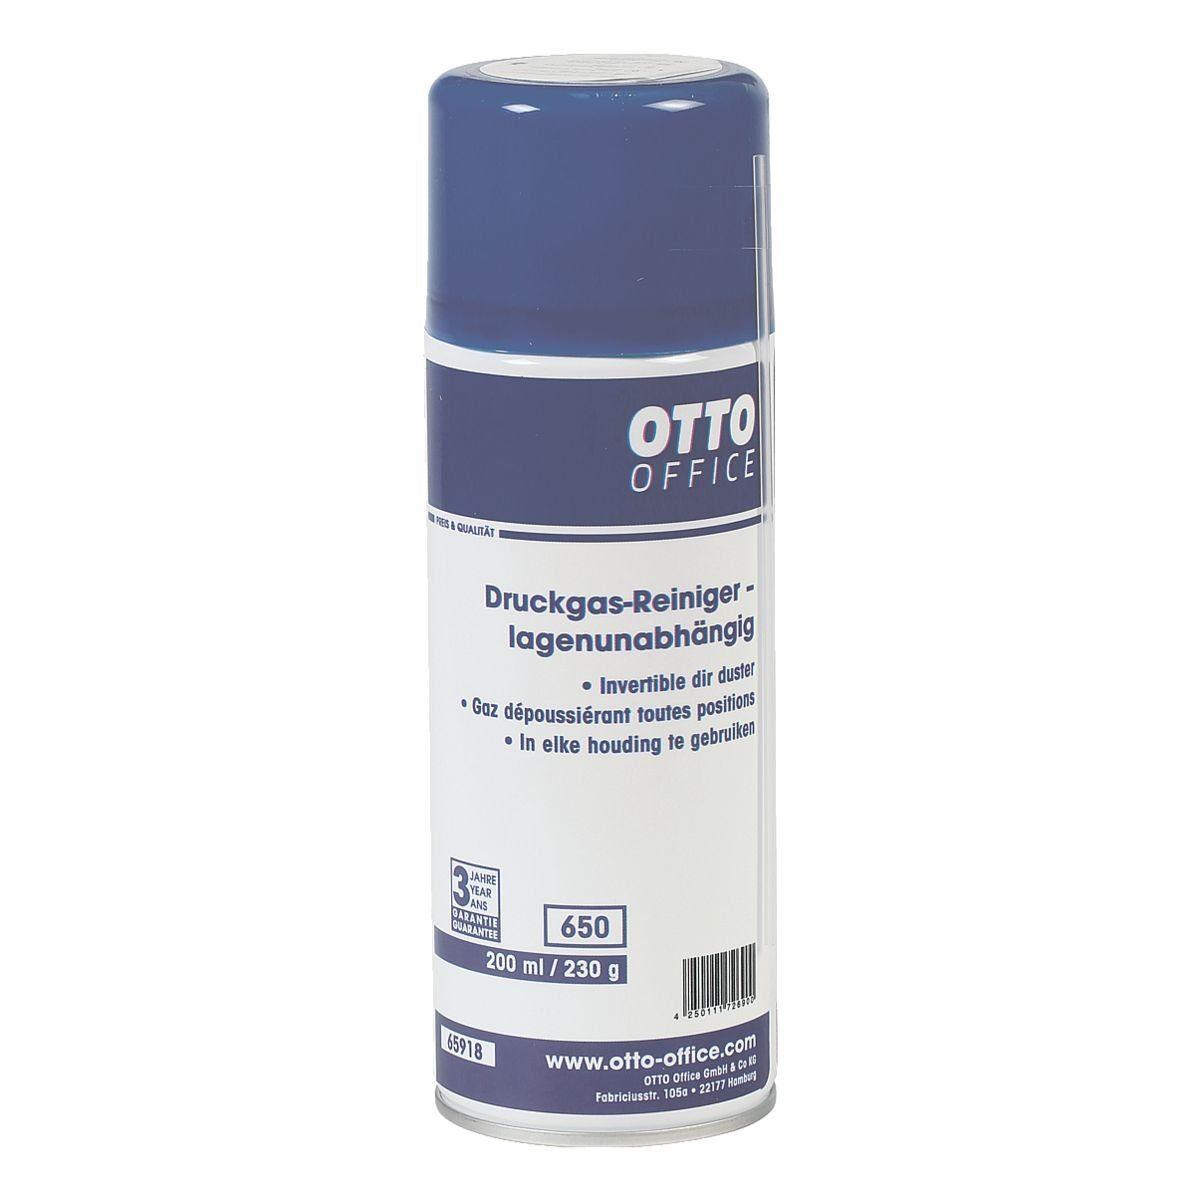 OTTO Office Standard Druckgas-Reiniger